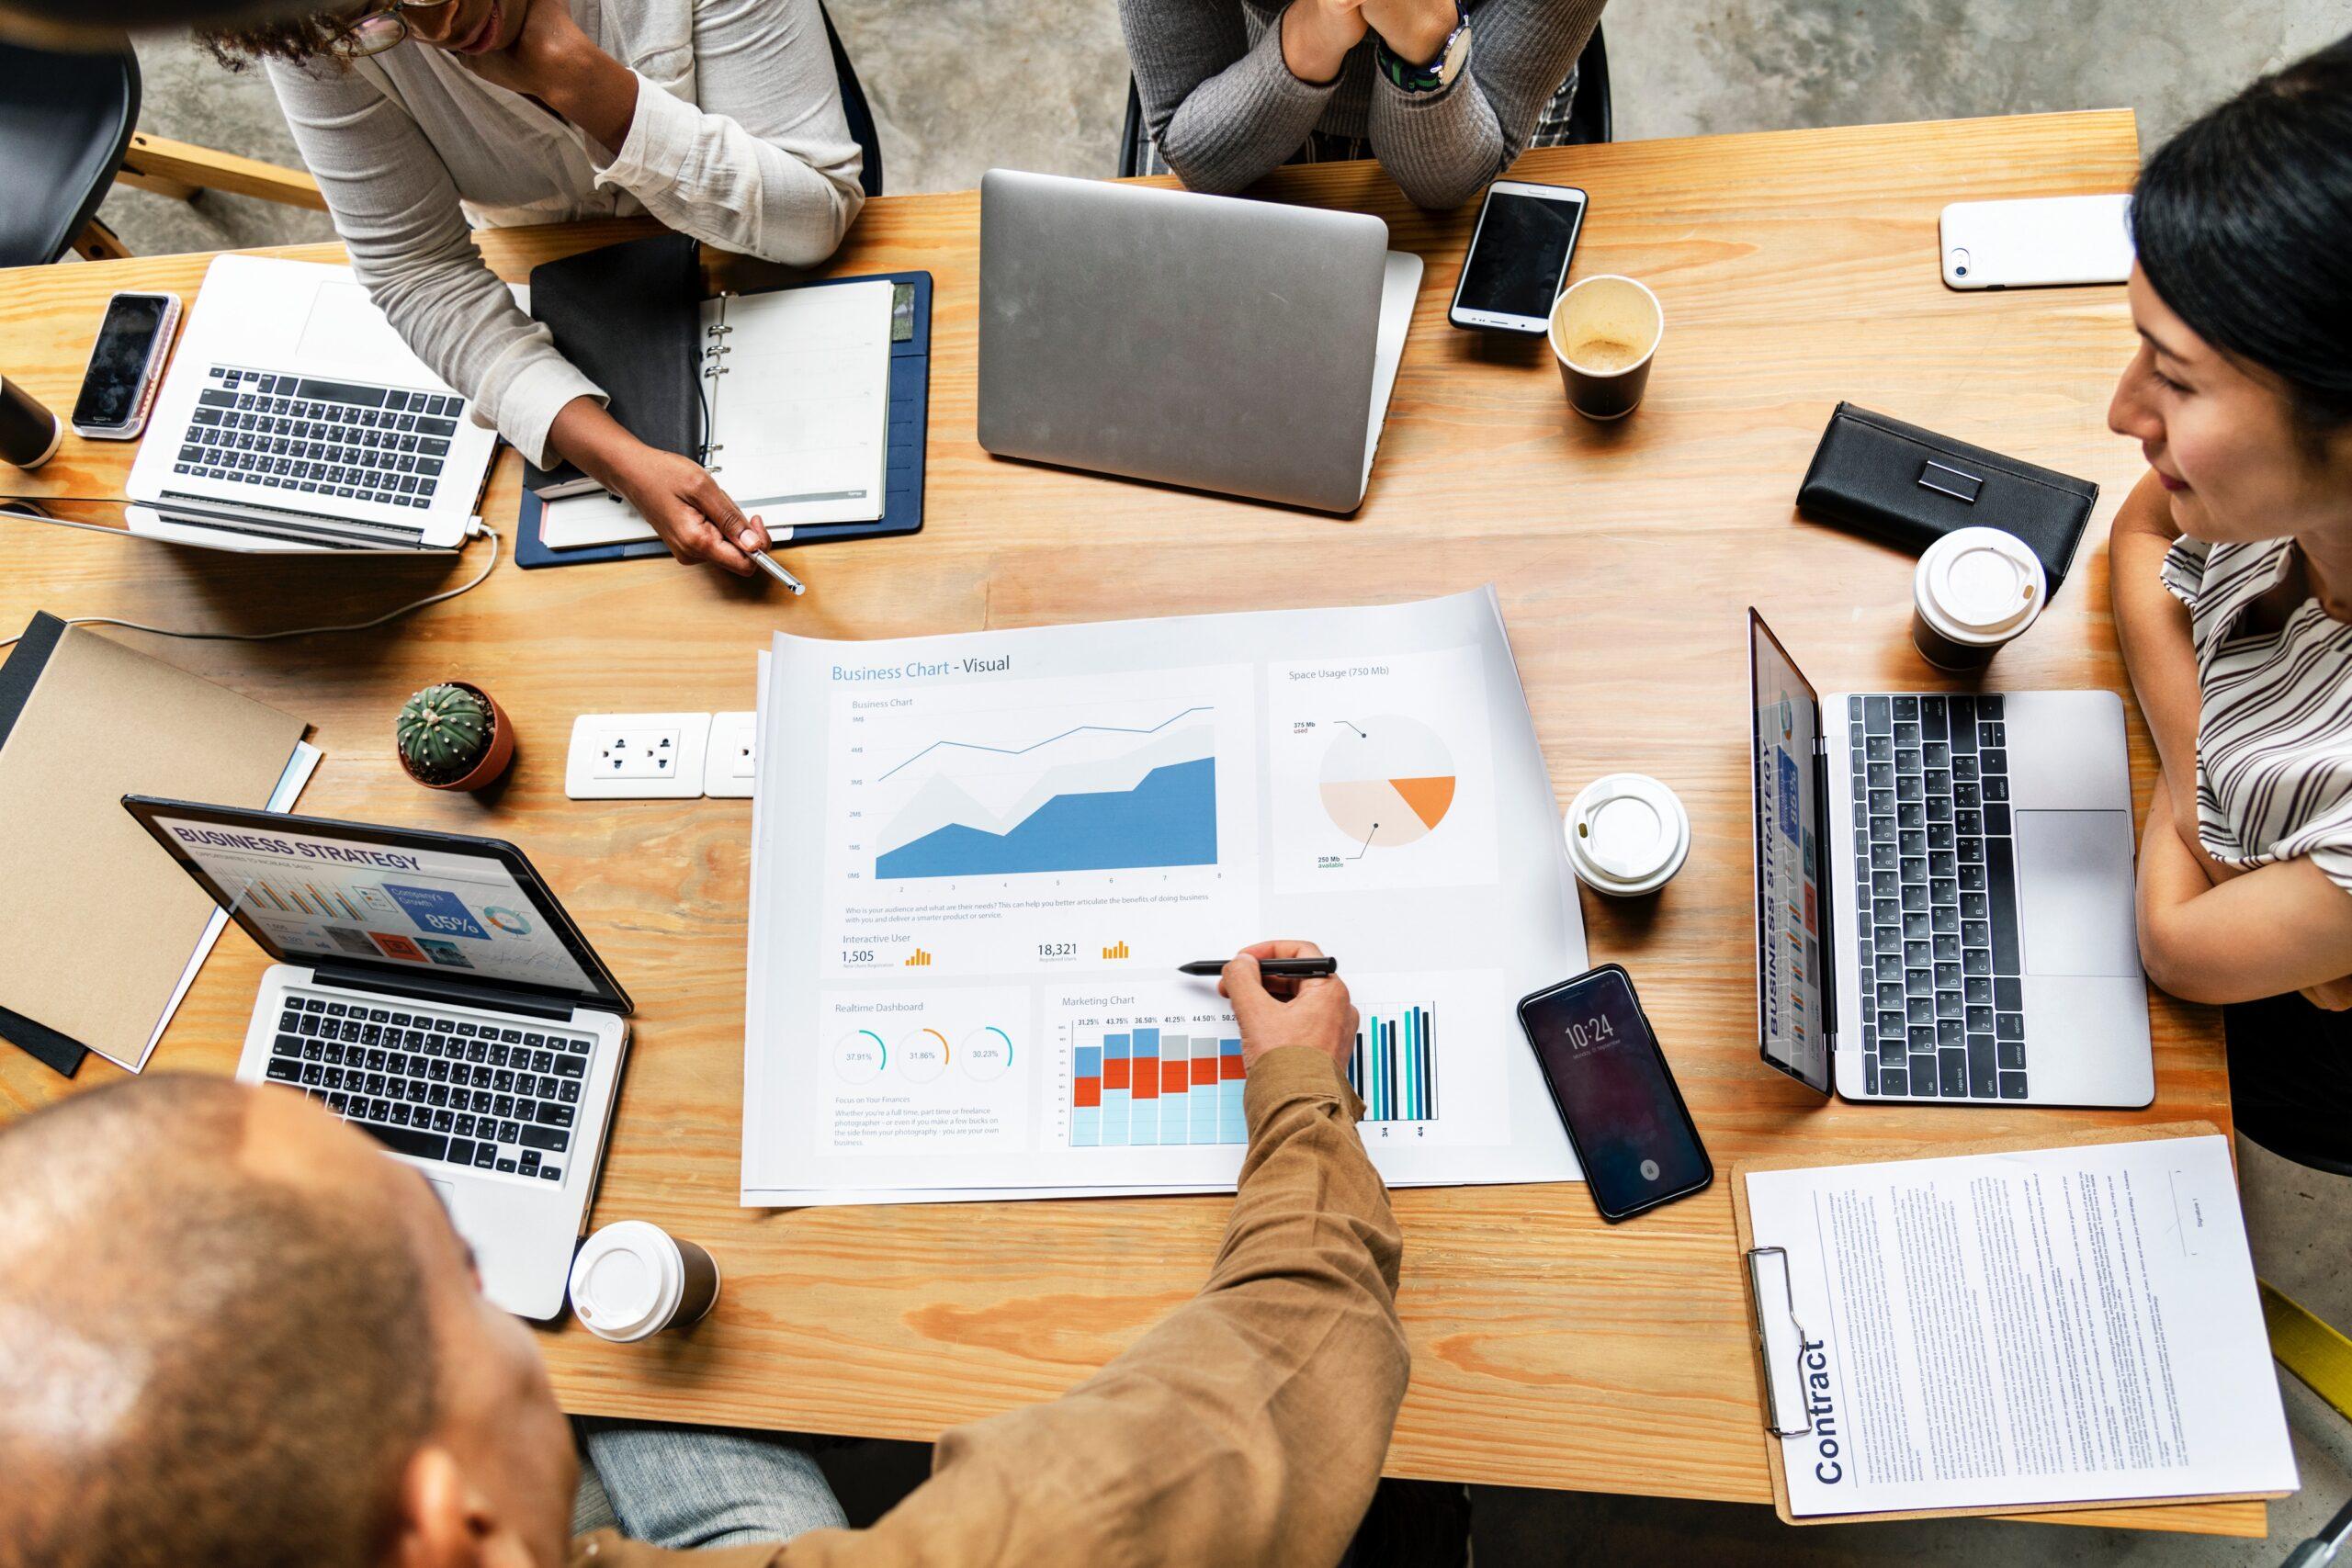 Proposta De Indicadores Para Análise De Negócios E Requisitos